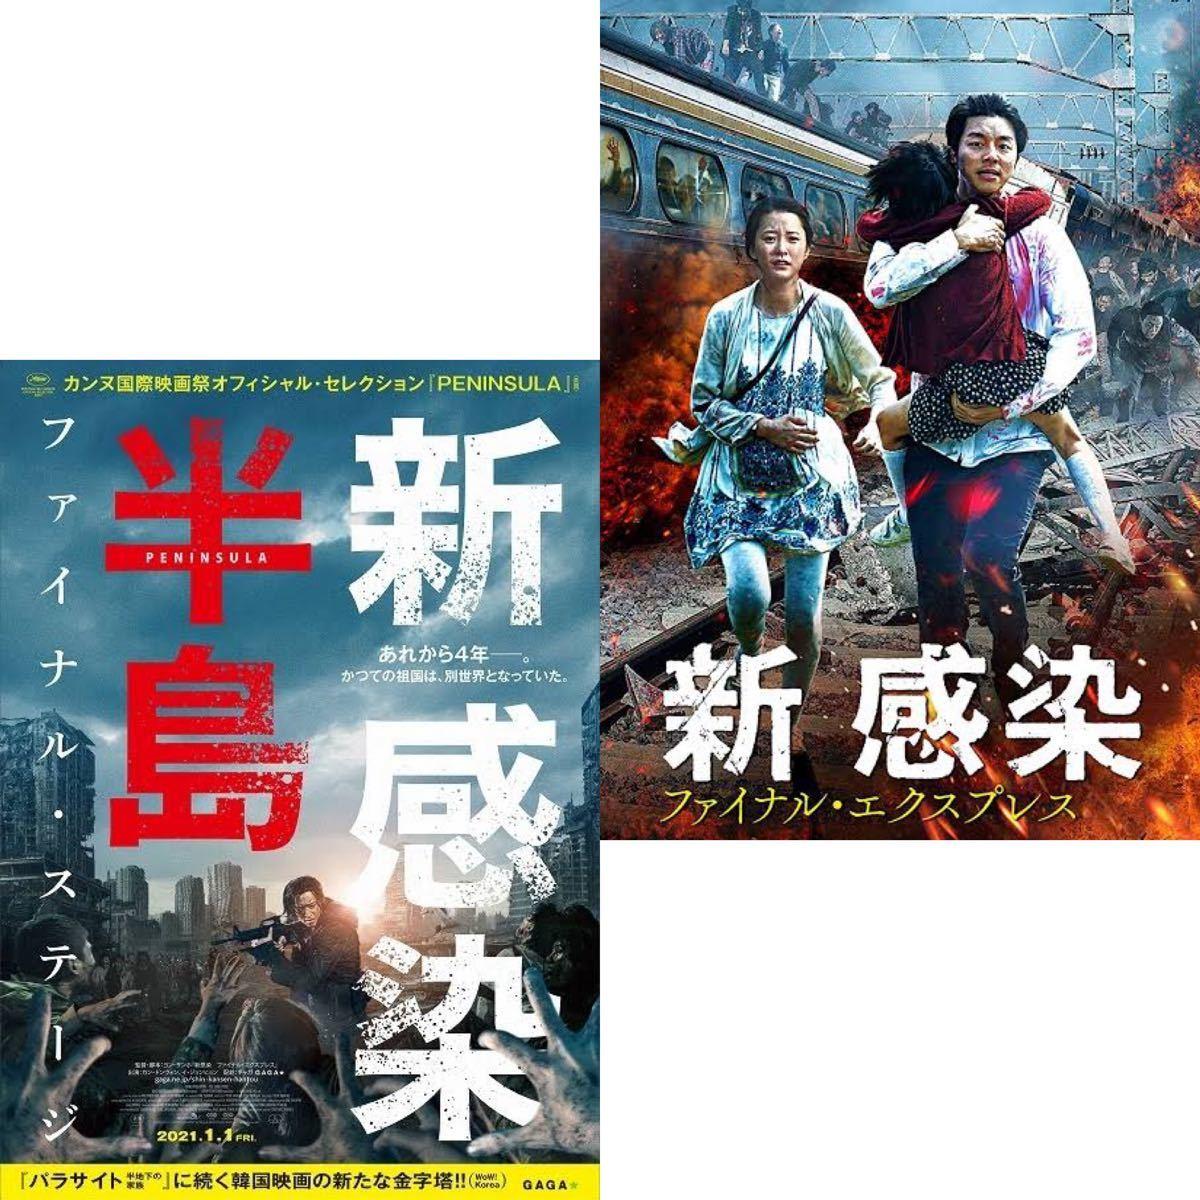 韓国映画 新感染セット DVD2枚 日本語字幕付 レーベル印刷有